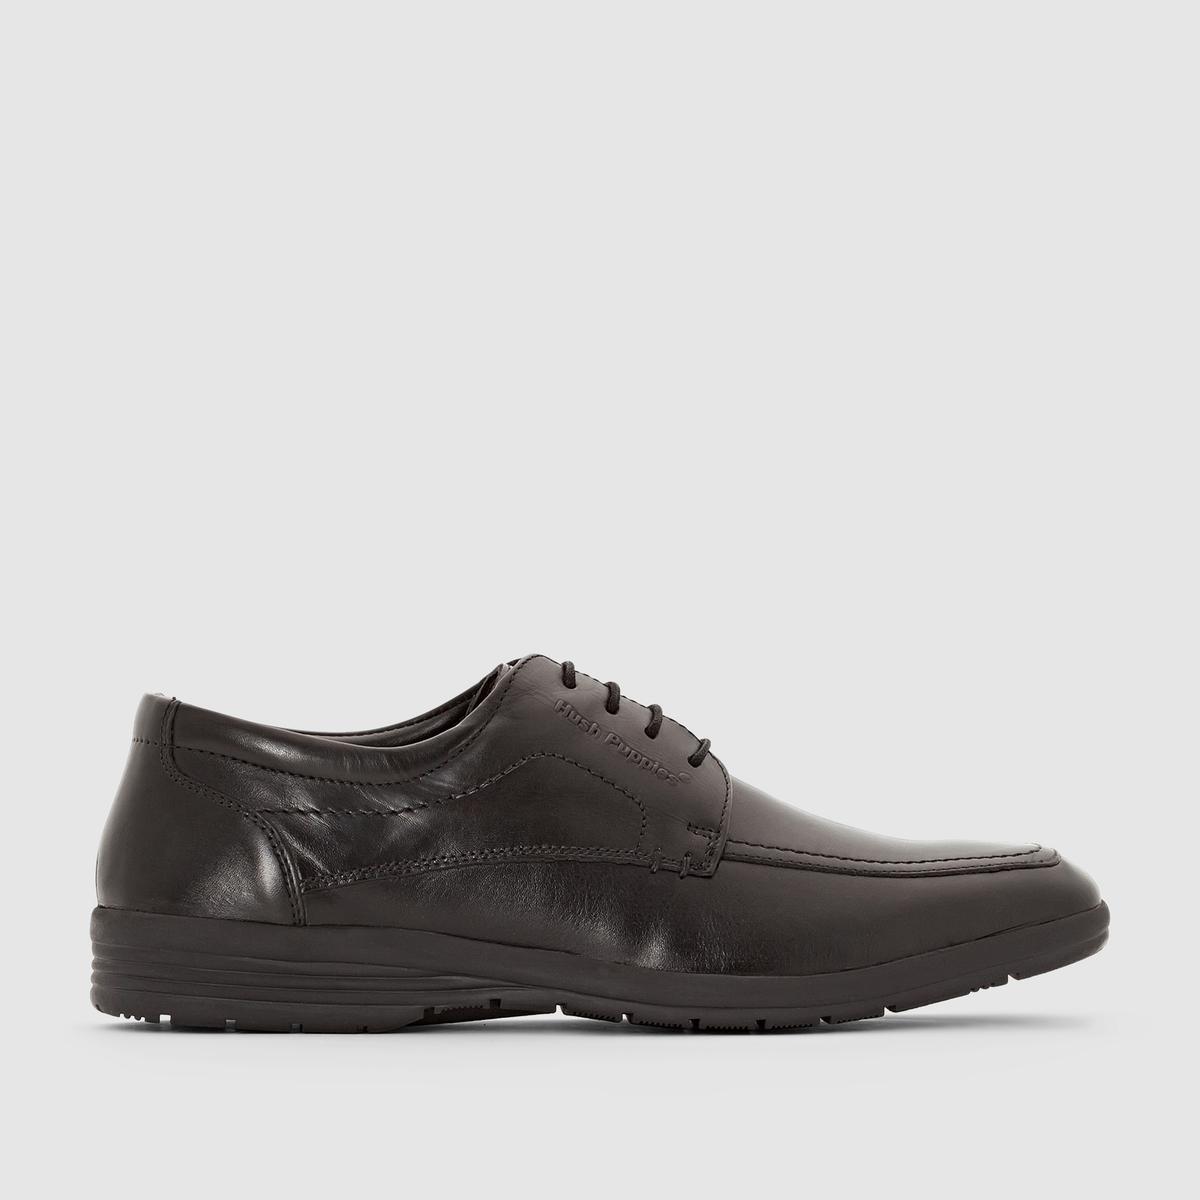 Ботинки-дерби кожаные Sam ботинки дерби под кожу питона